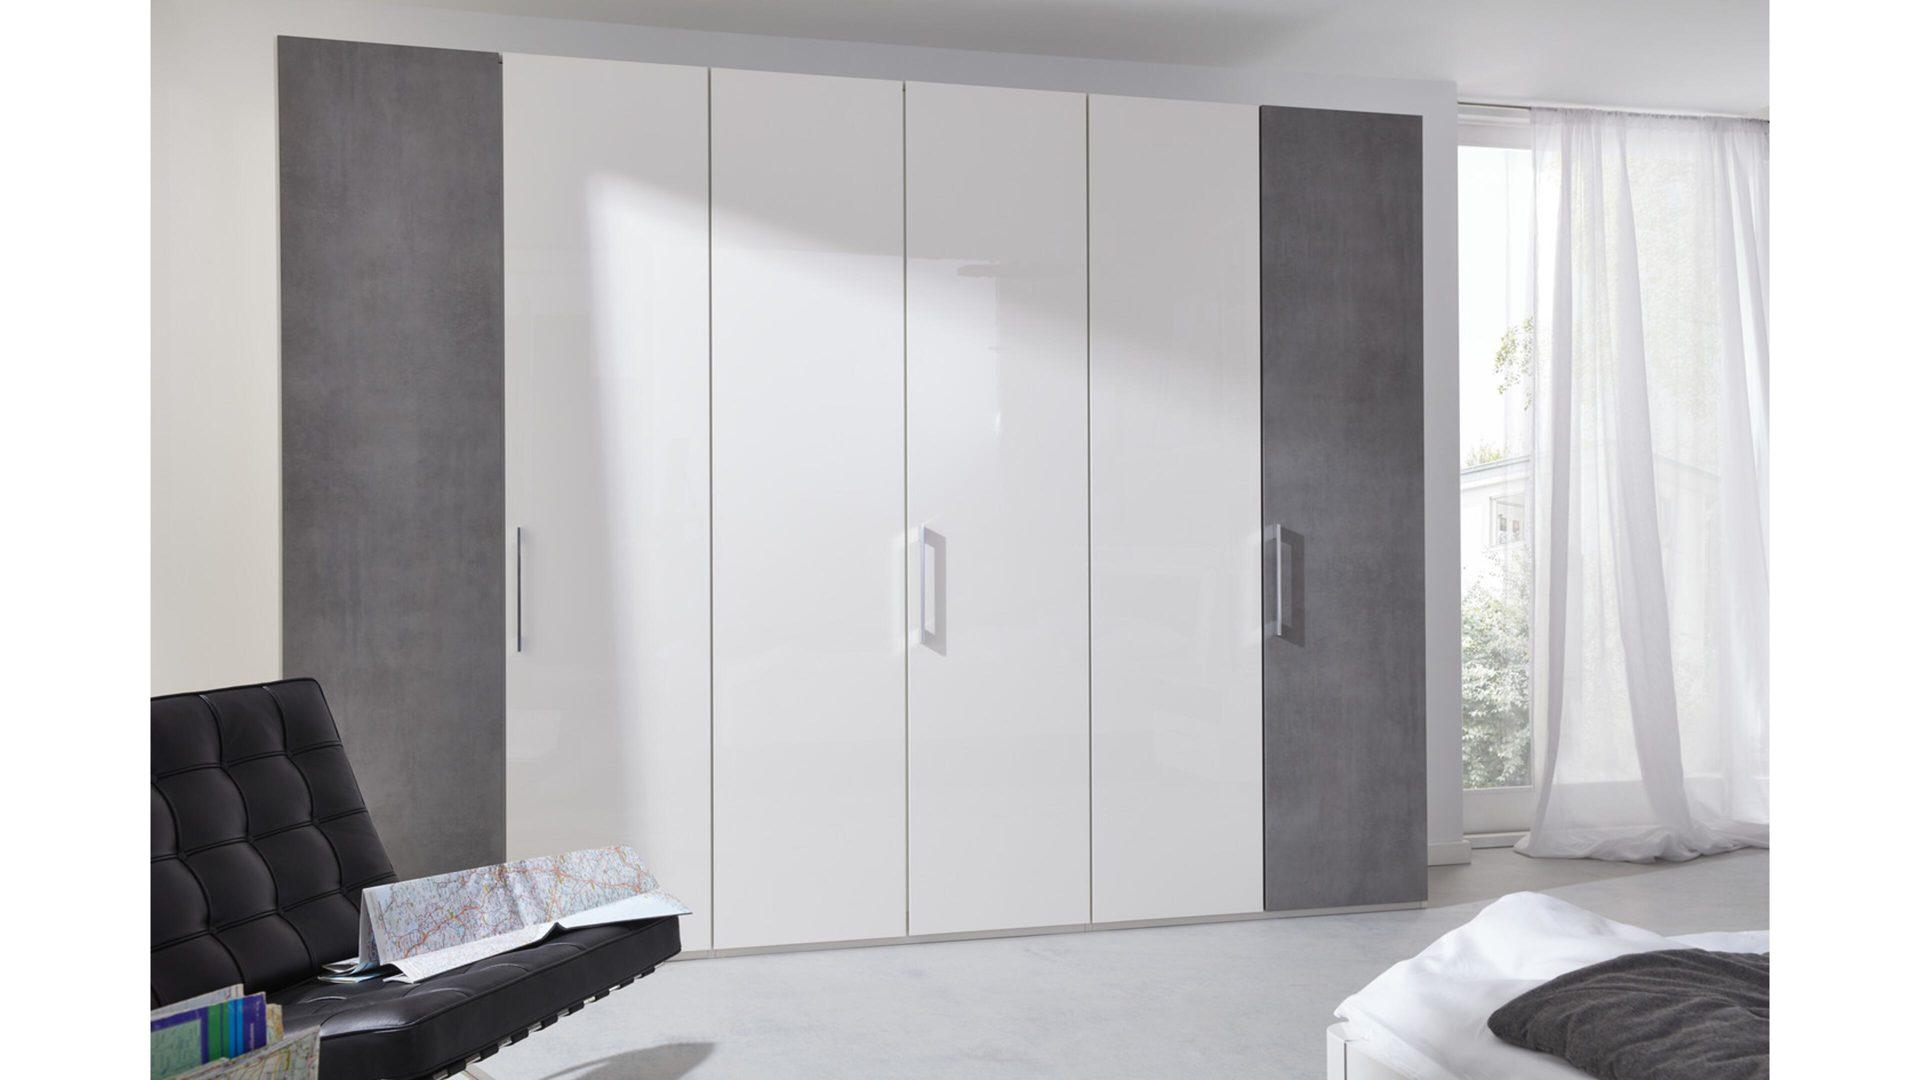 Interliving Schlafzimmer Serie 1003 – Kleiderschrank, Bianco weiße  Hochglanz & betonfarbene Kunststoffoberflächen – sechs